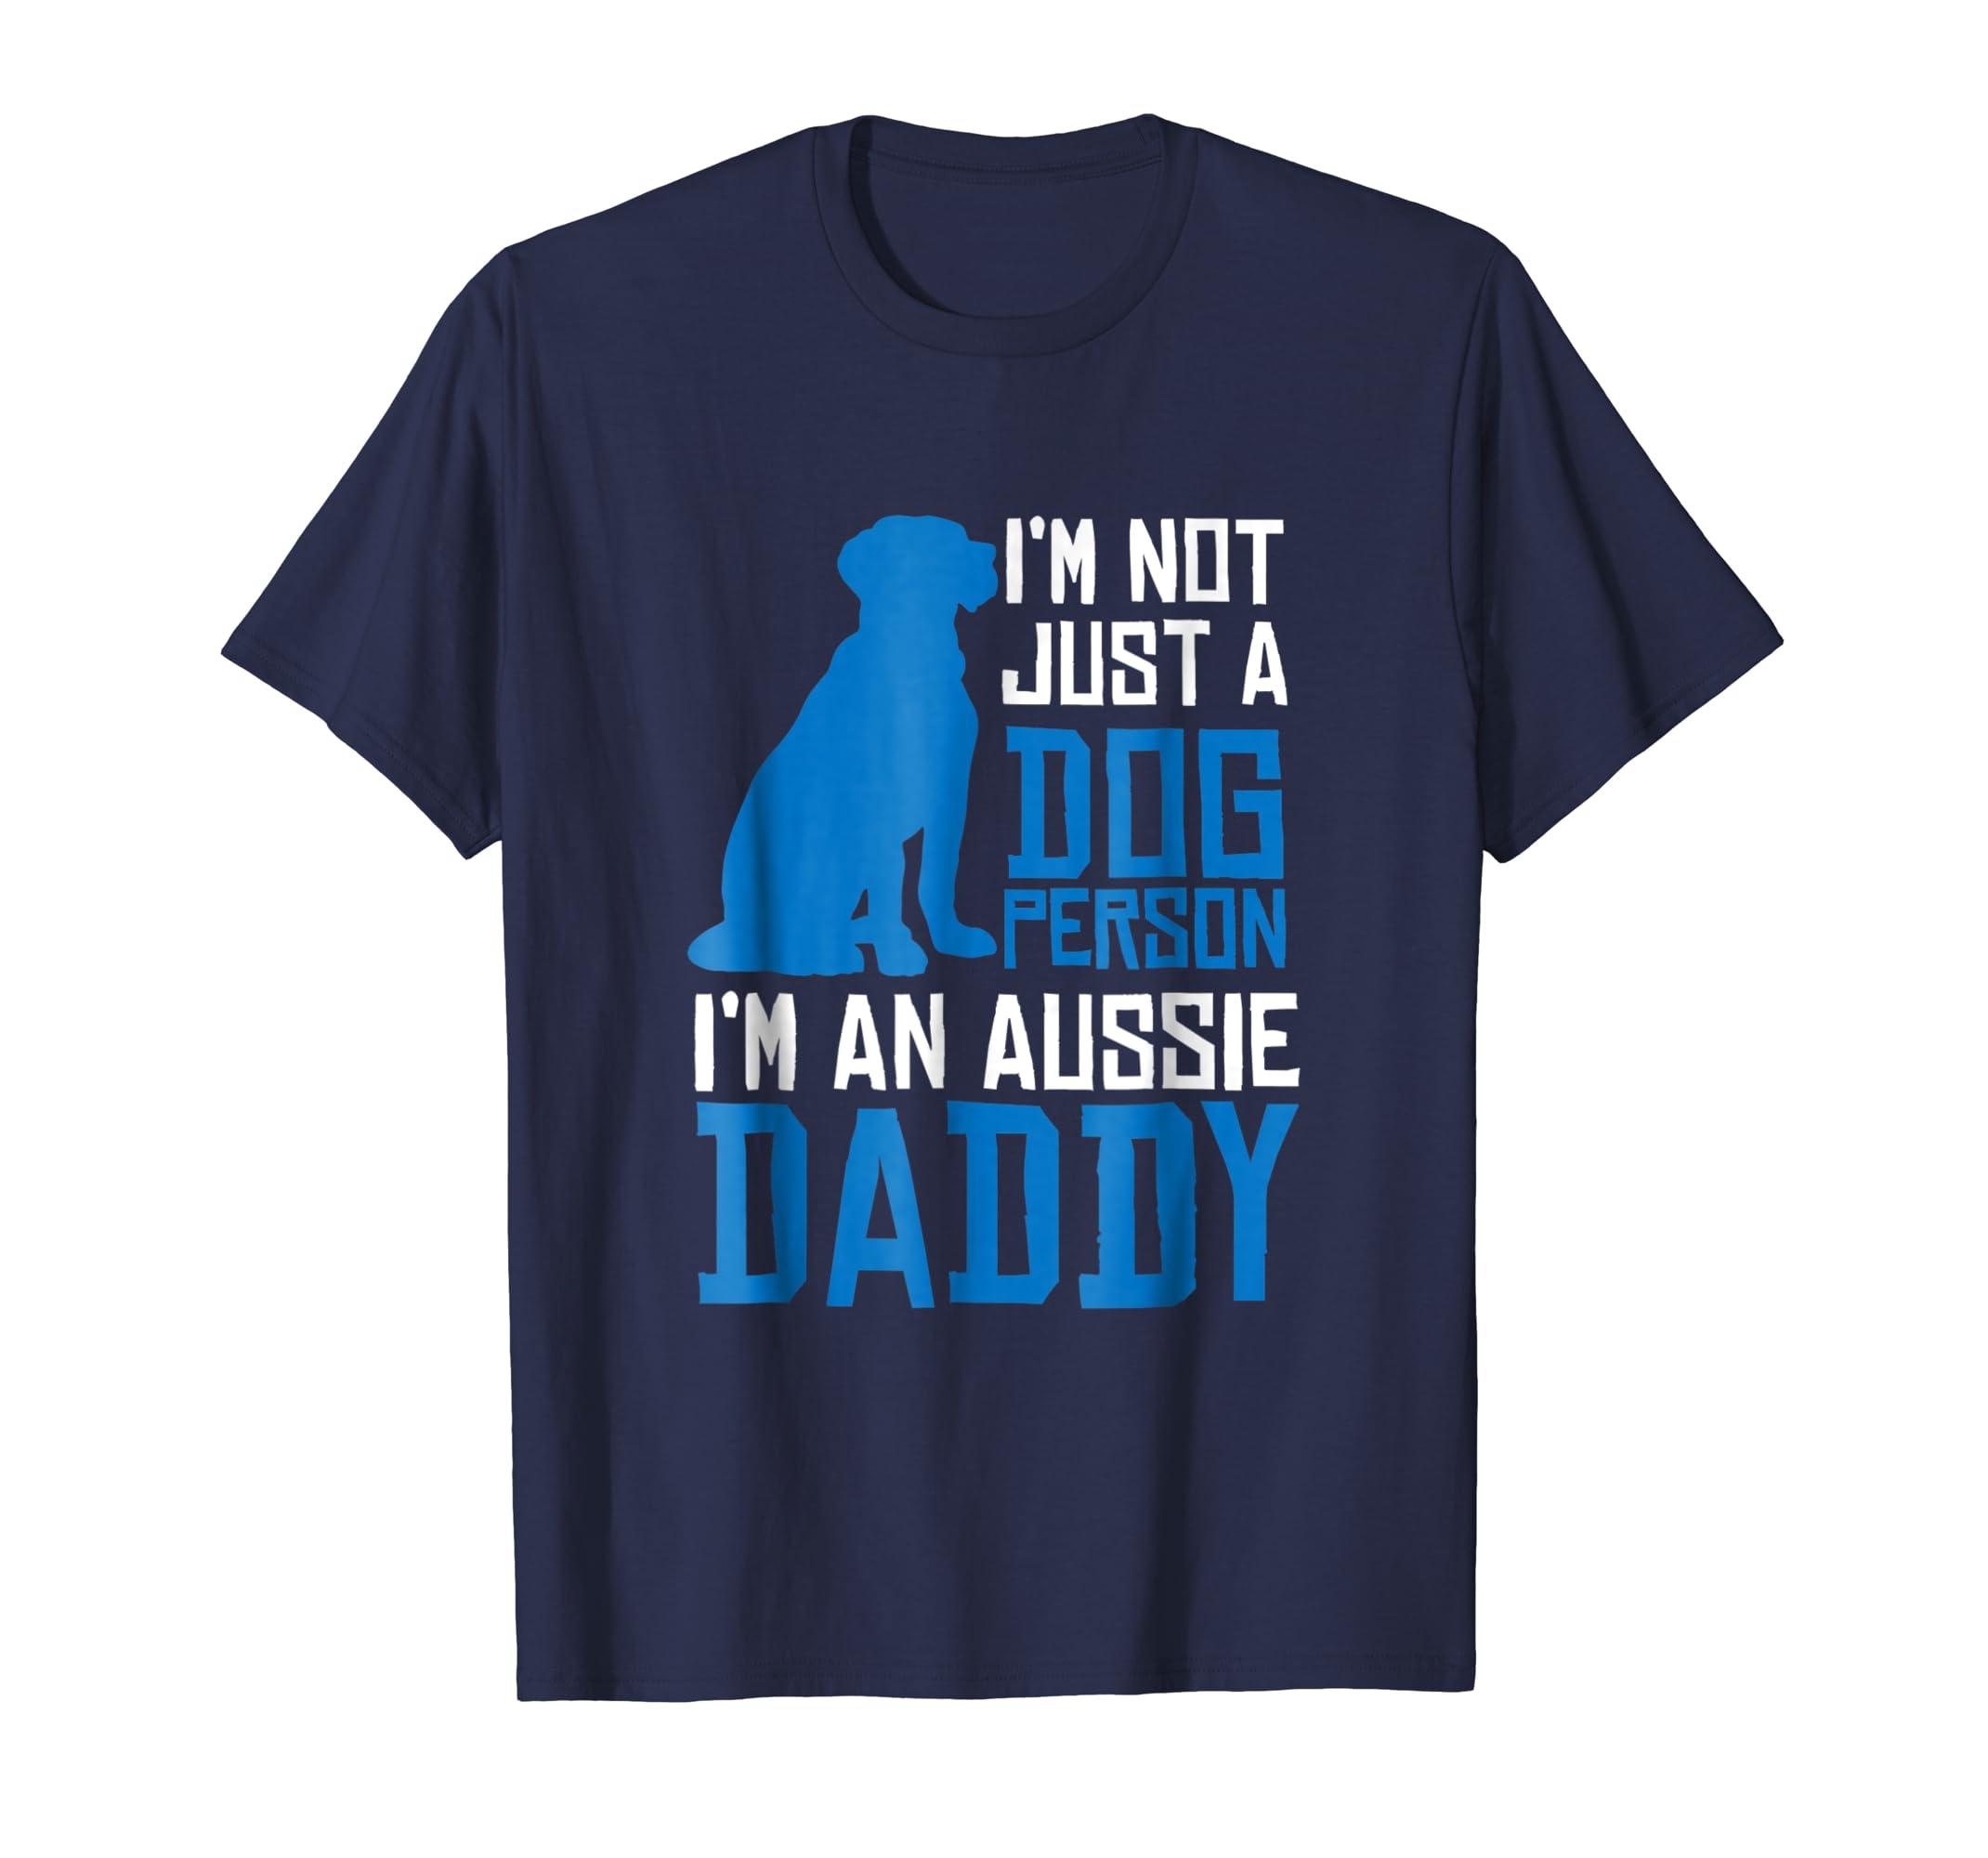 Australian Shepherd Dad Shirt for Aussie Shepard Gifts-AZP